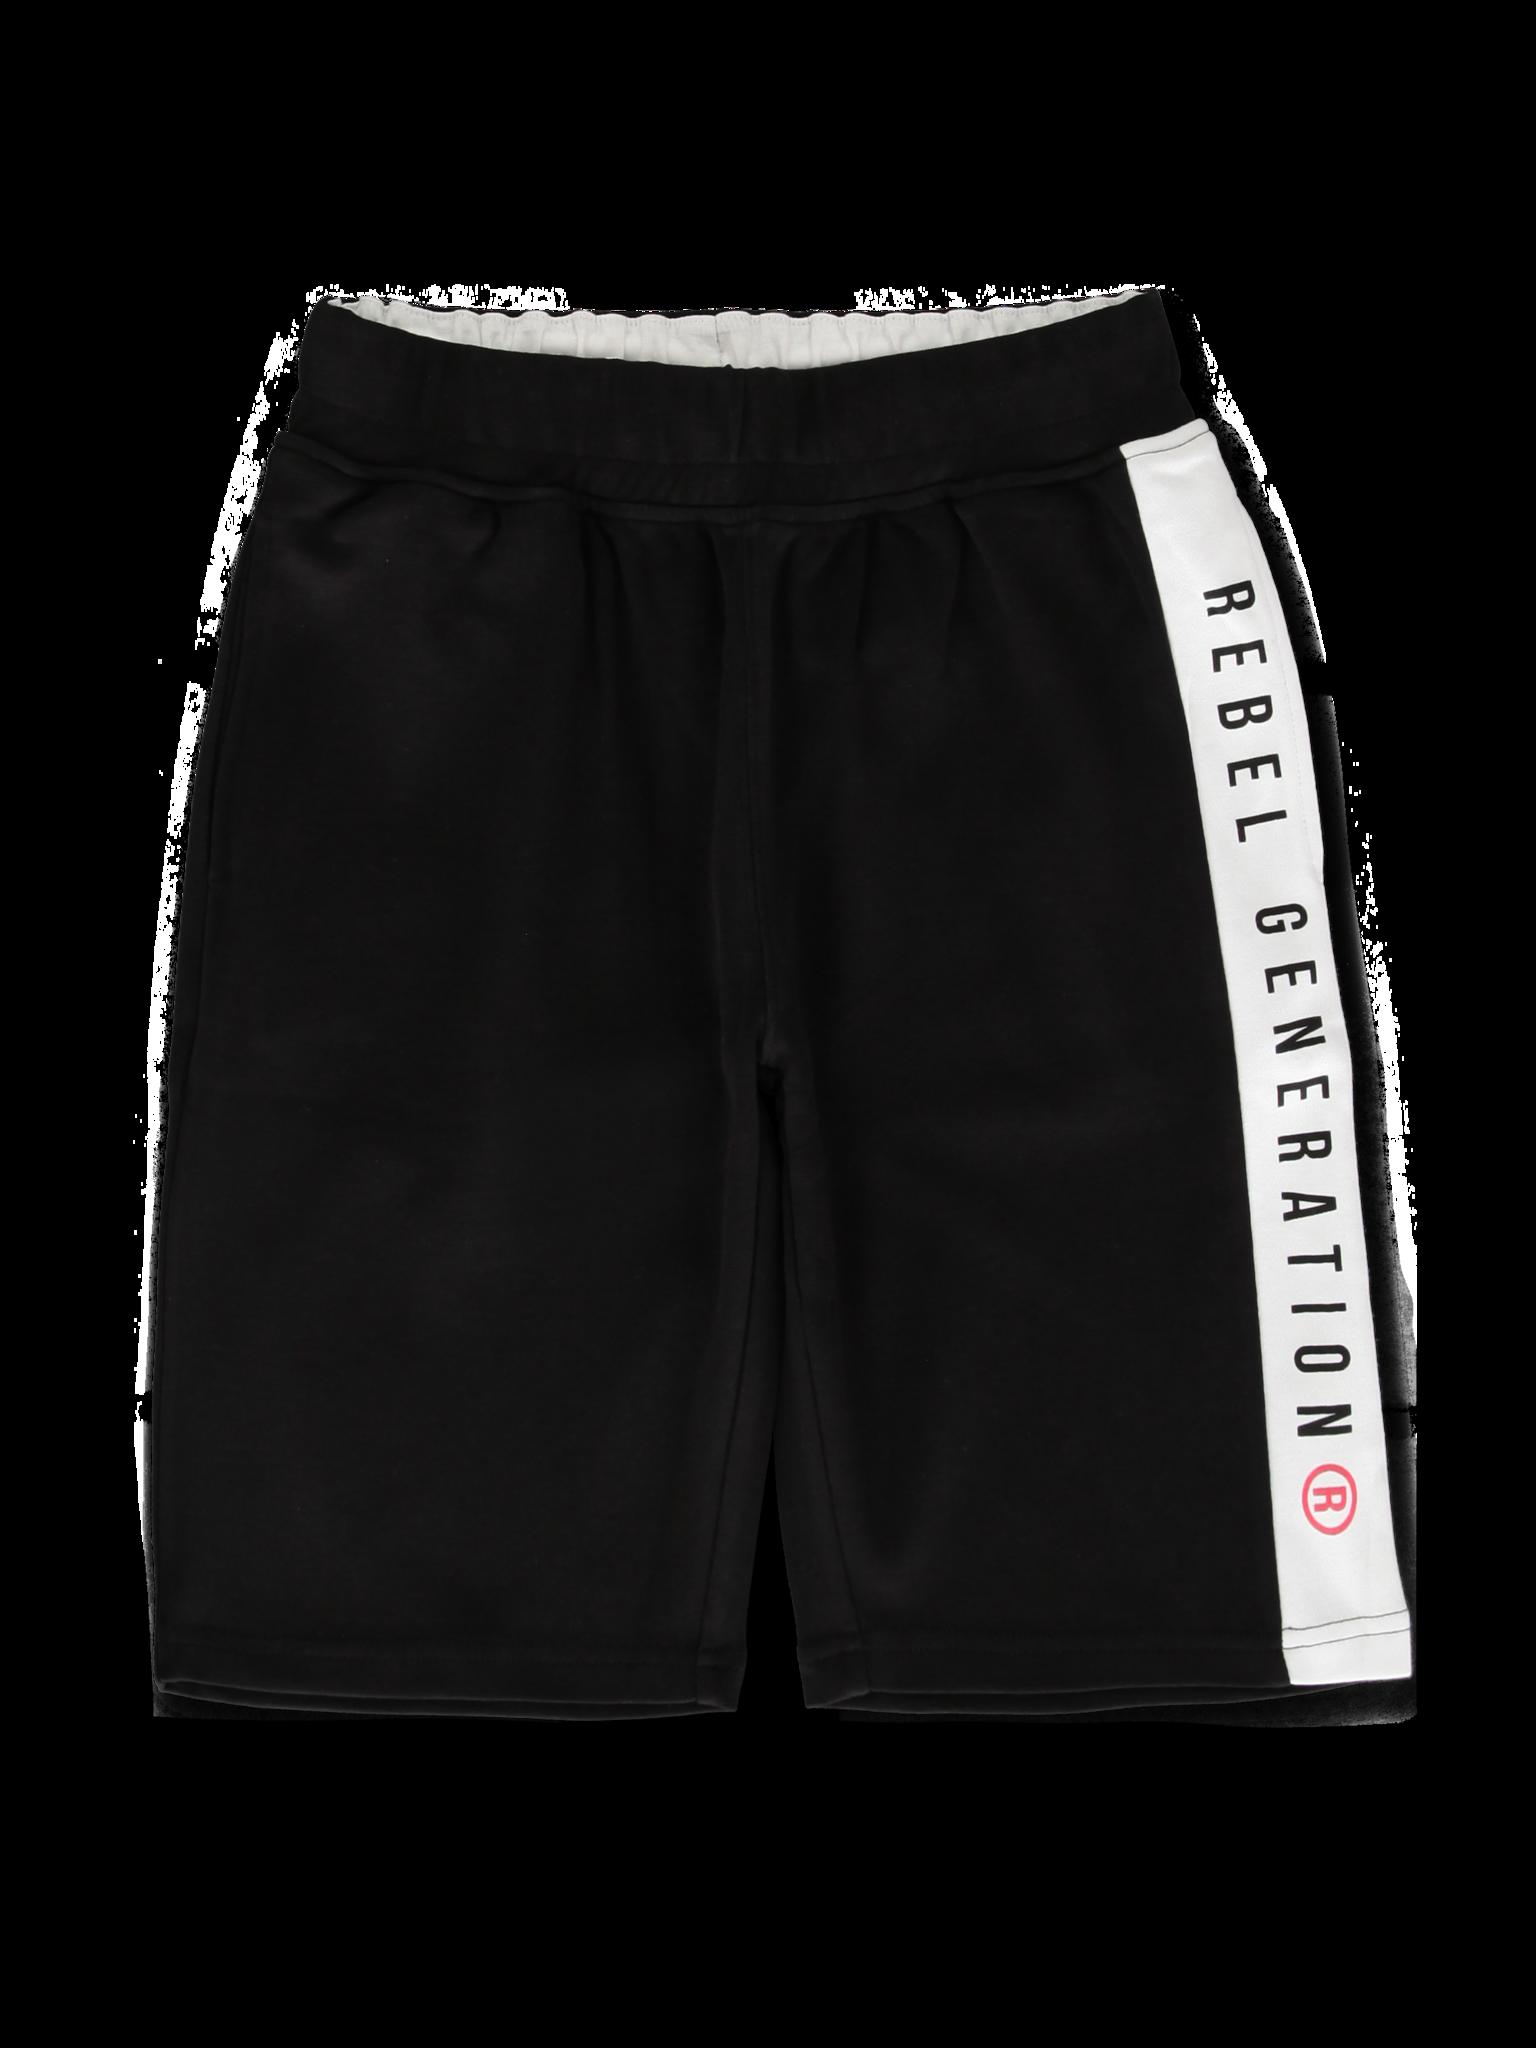 REGEN | Summer 2020 Teen Boys | Bermuda | 20 pcs/box